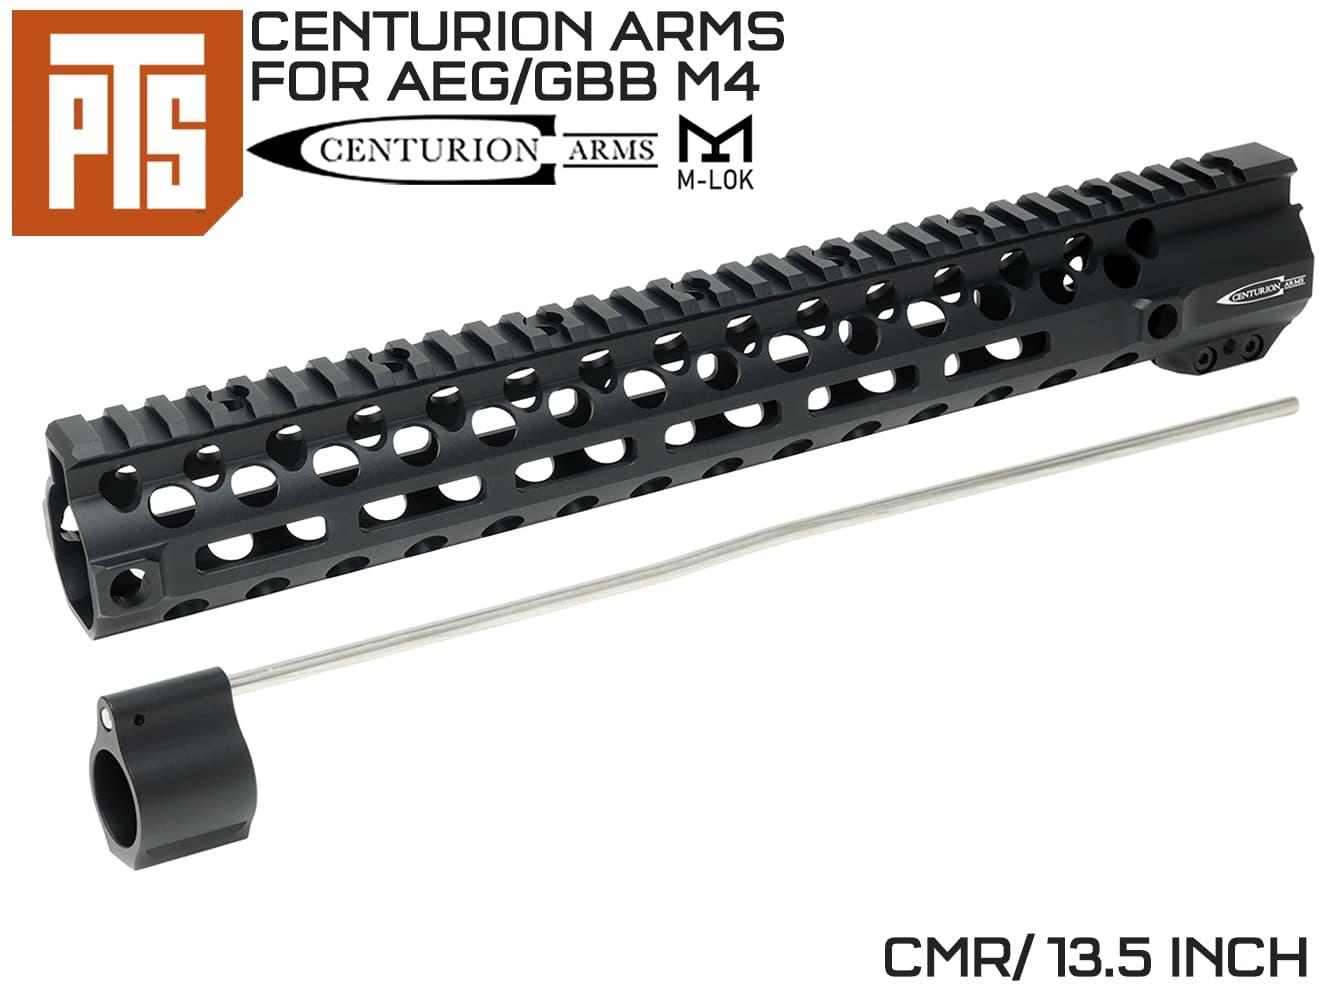 PTS Centurion Arms CMR M-LOKレール 13.5インチ for M4◆マルイ系 AEG/GBB M4用 RAS エムロックモジューラーレール 軽量 民間カスタム KSC